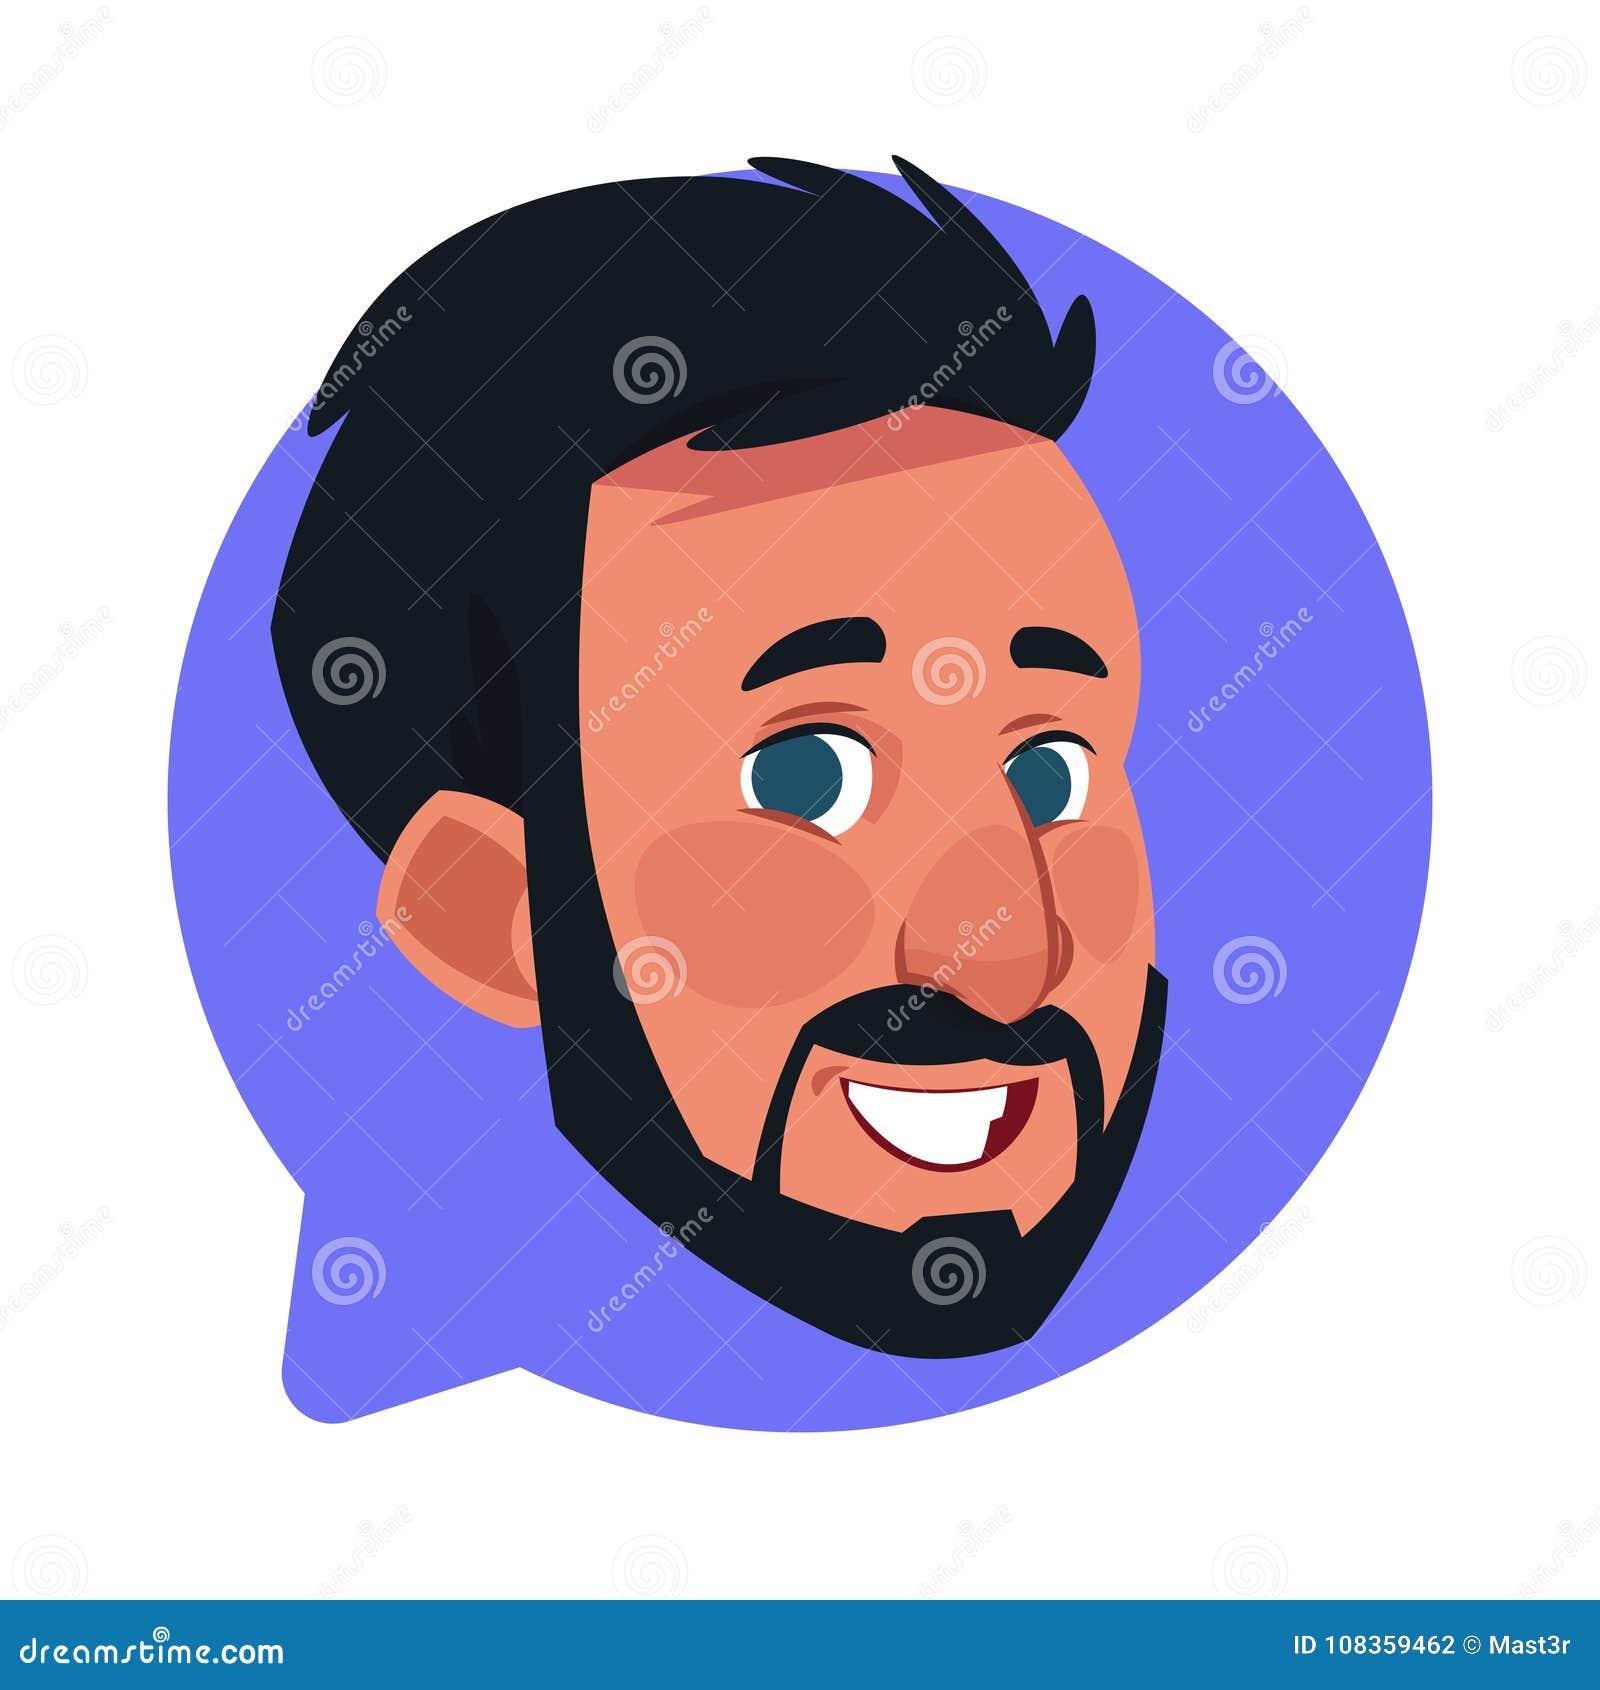 Cabeça masculina do ícone do perfil na bolha isolada, retrato caucasiano farpado do bate-papo do personagem de banda desenhada do